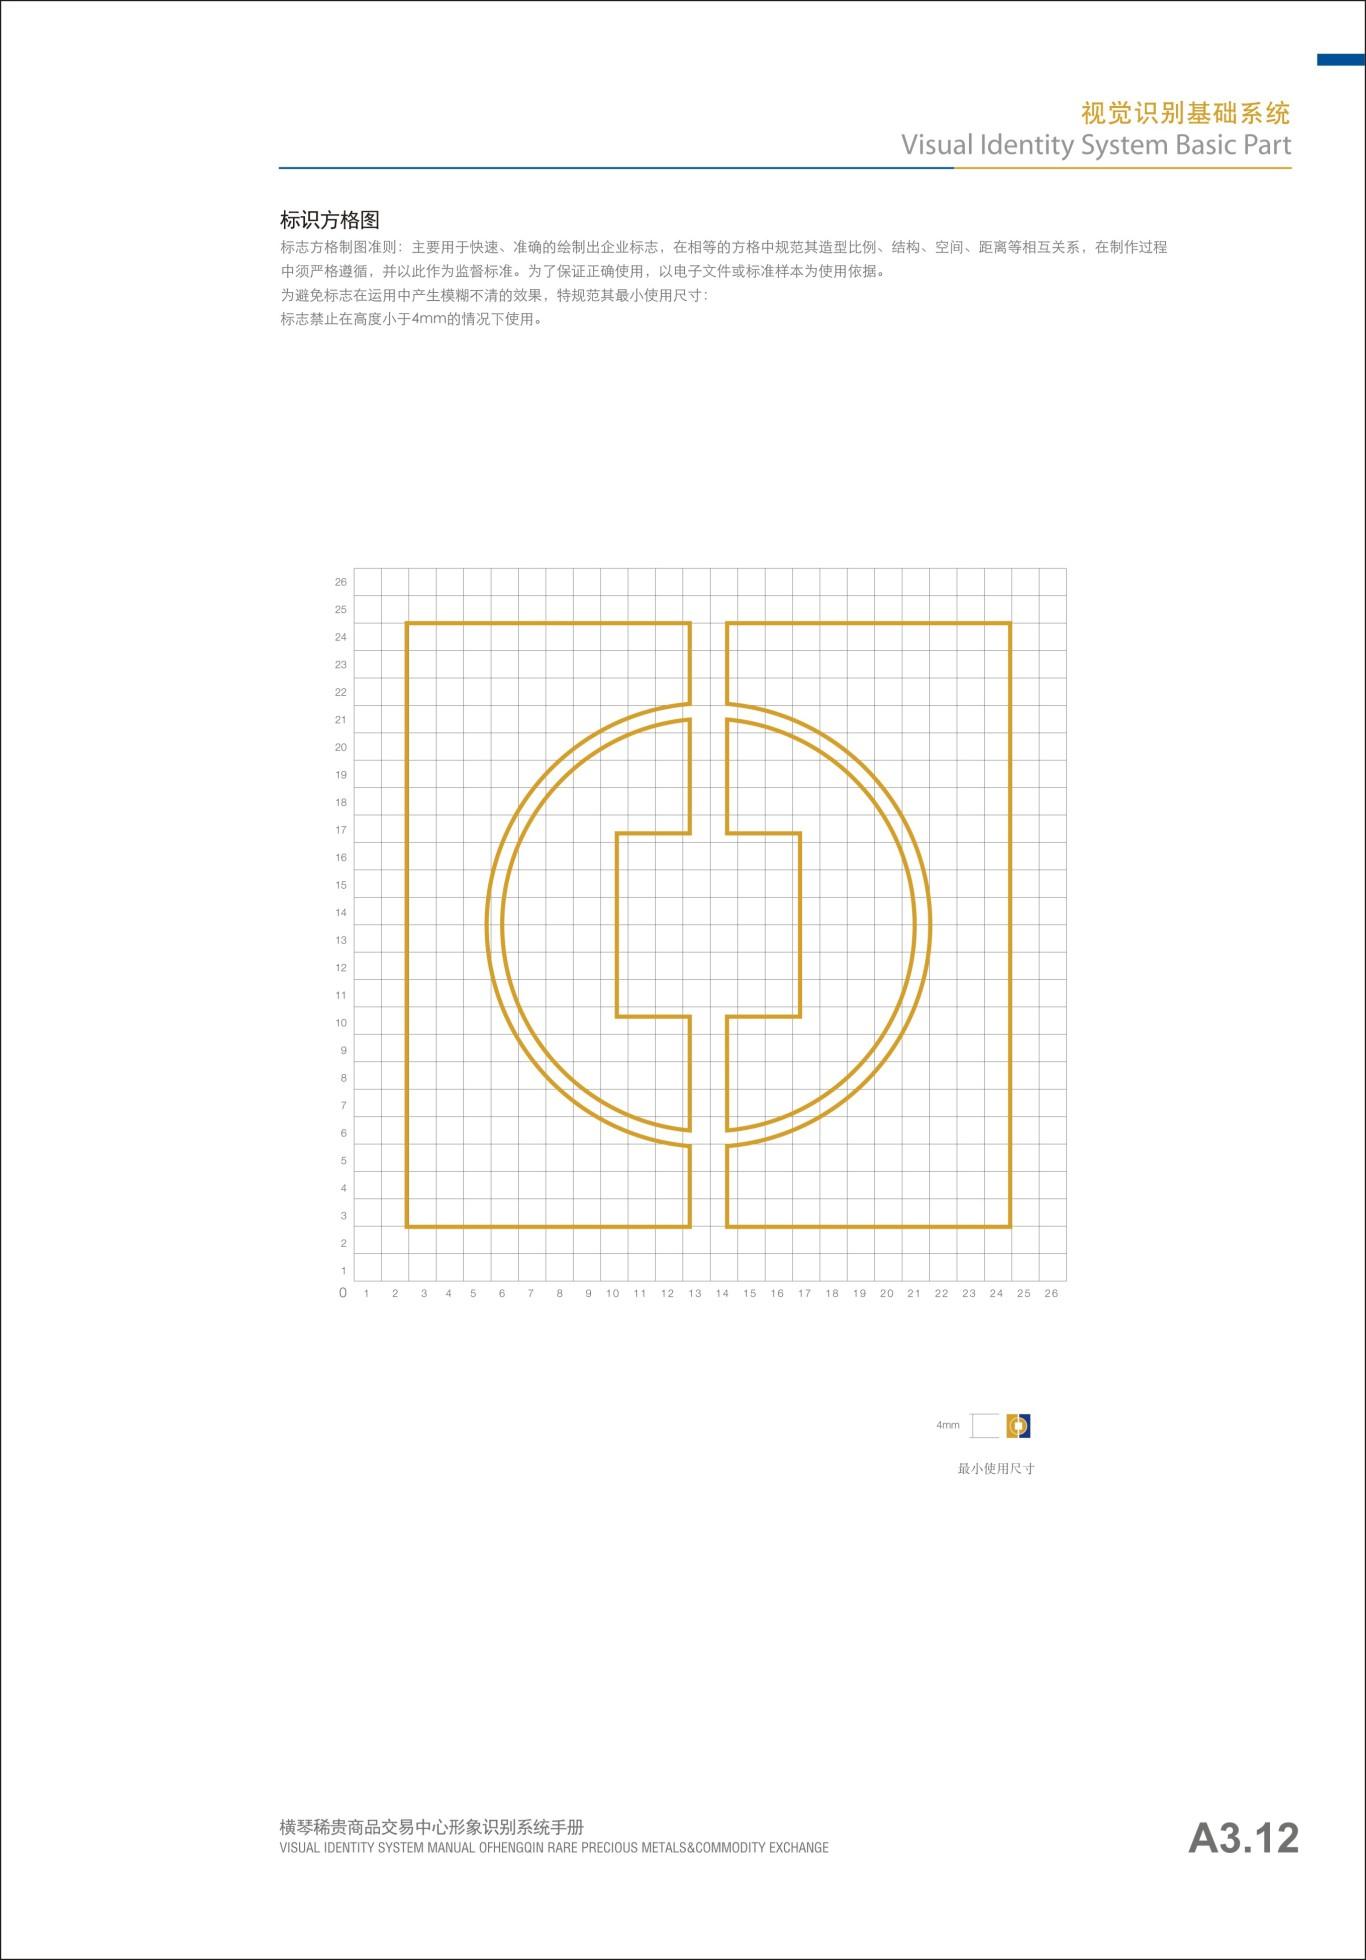 贵金属行业横琴稀贵VI手册设计图3